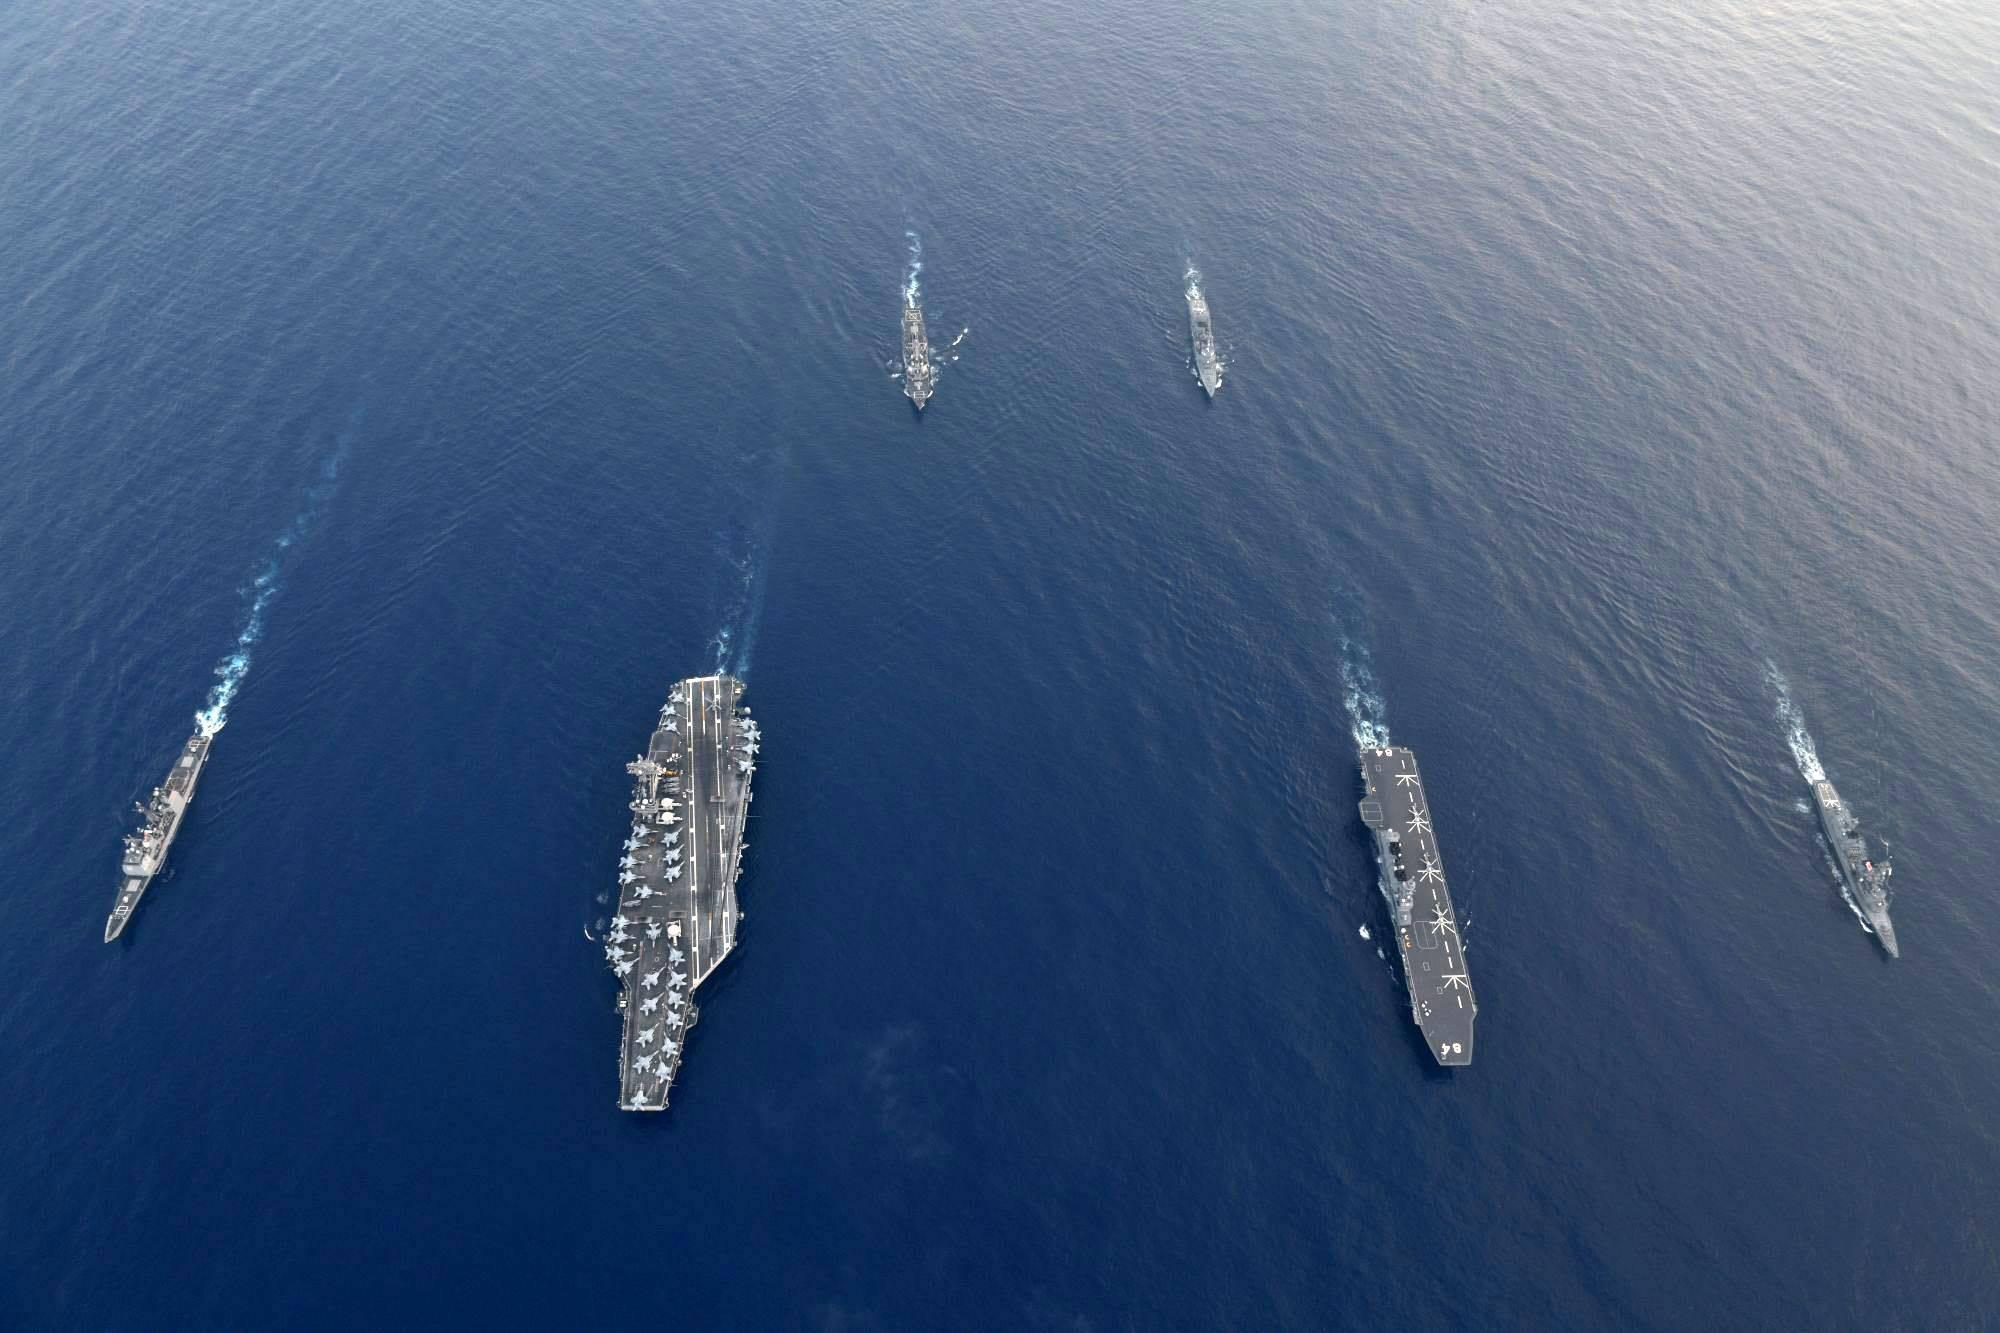 日本出云号航母和美国航母大小对比,交汇一刹那,差距一目了然